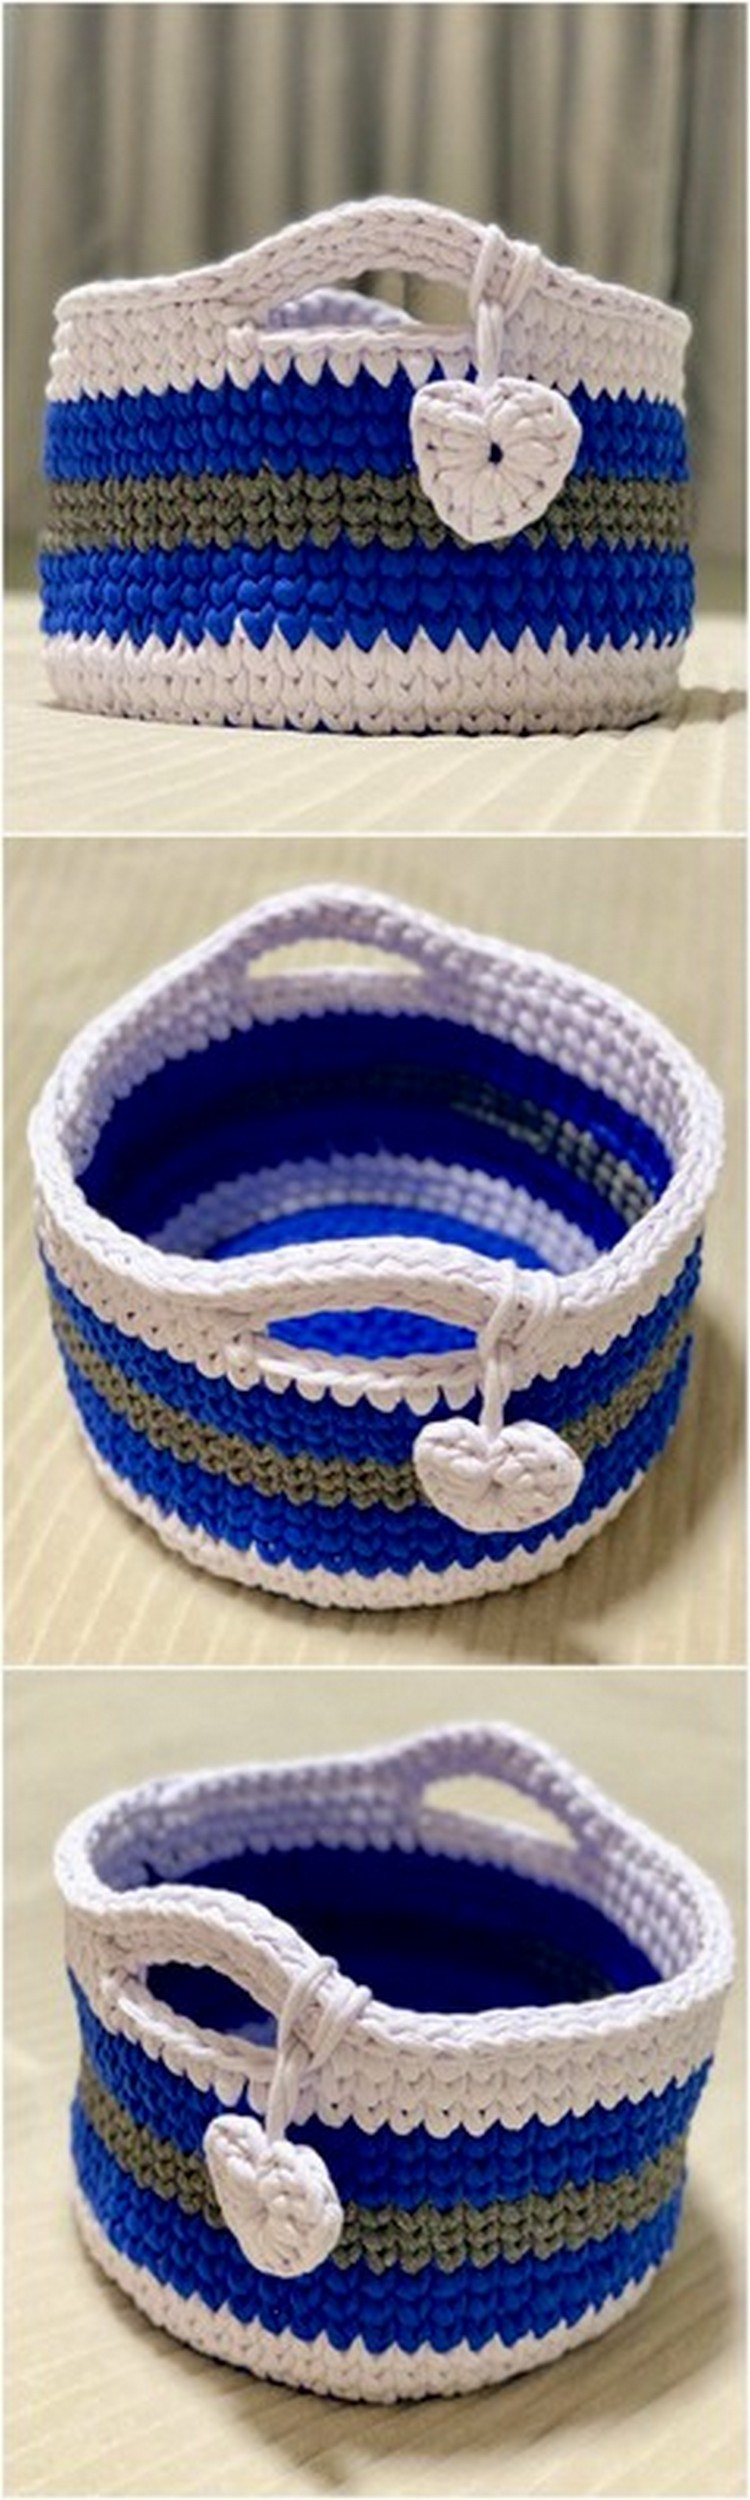 Multicolor Basket Free Crochet pattern